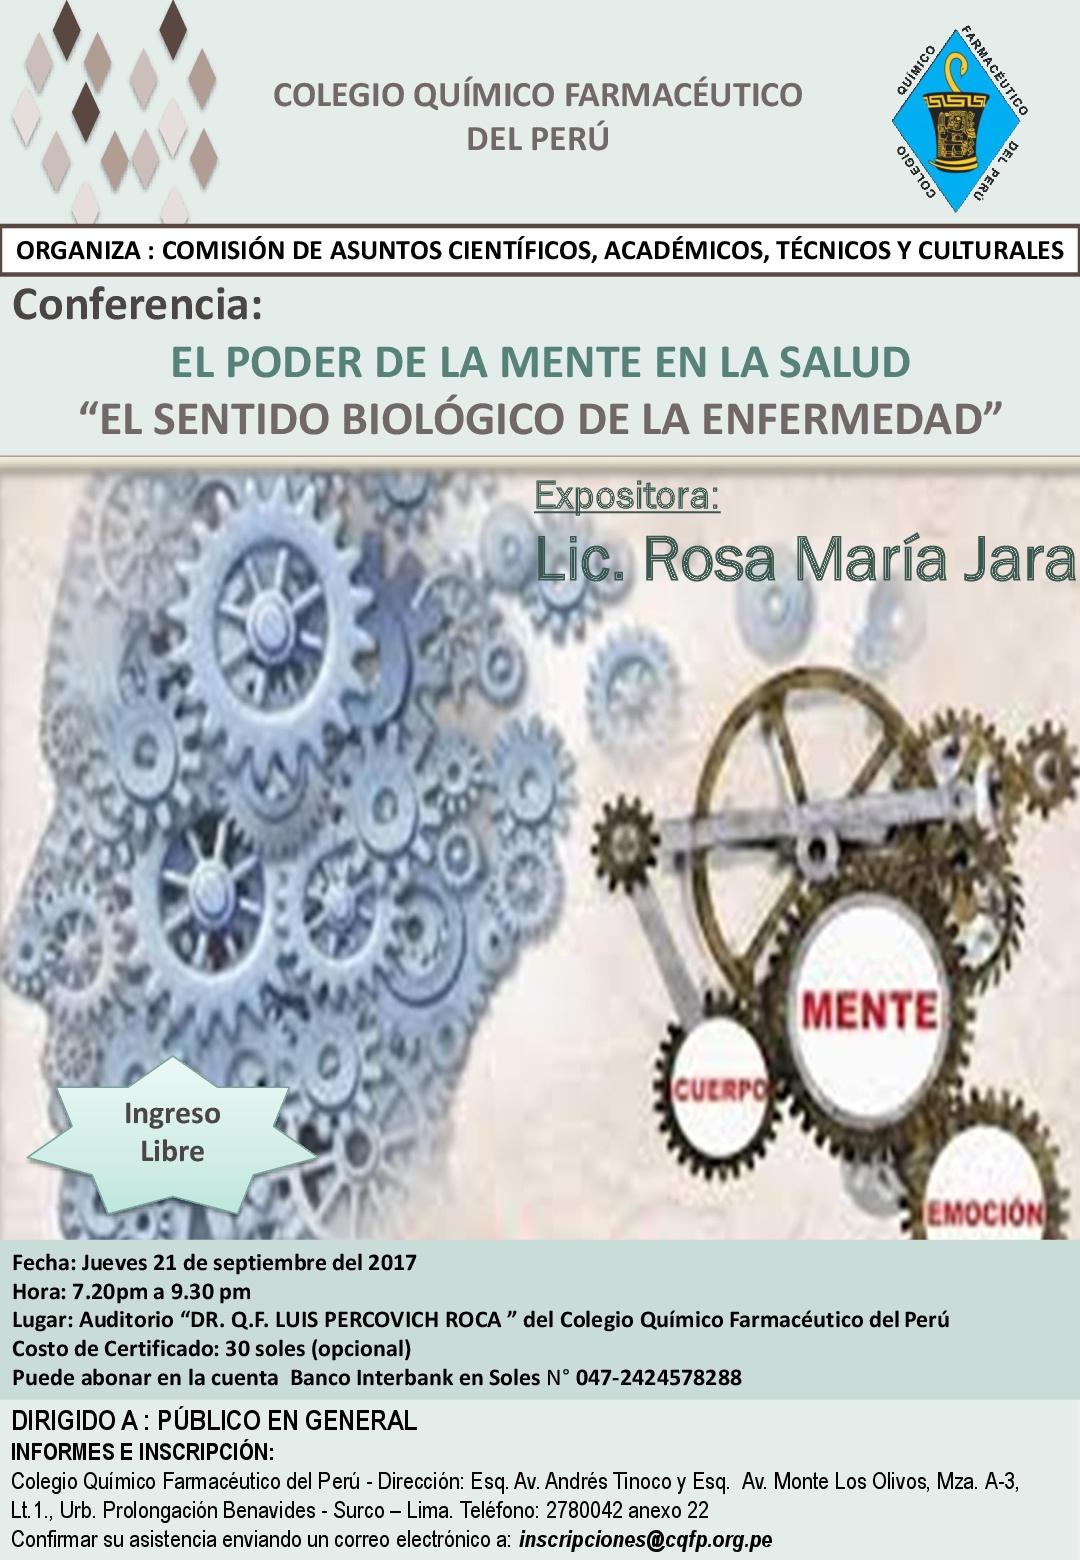 """Conferencia: El Poder de la Mente en la Salud """"El Sentido Biológico de la Enfermedad"""", 21 Set. - 19:20 Hrs."""